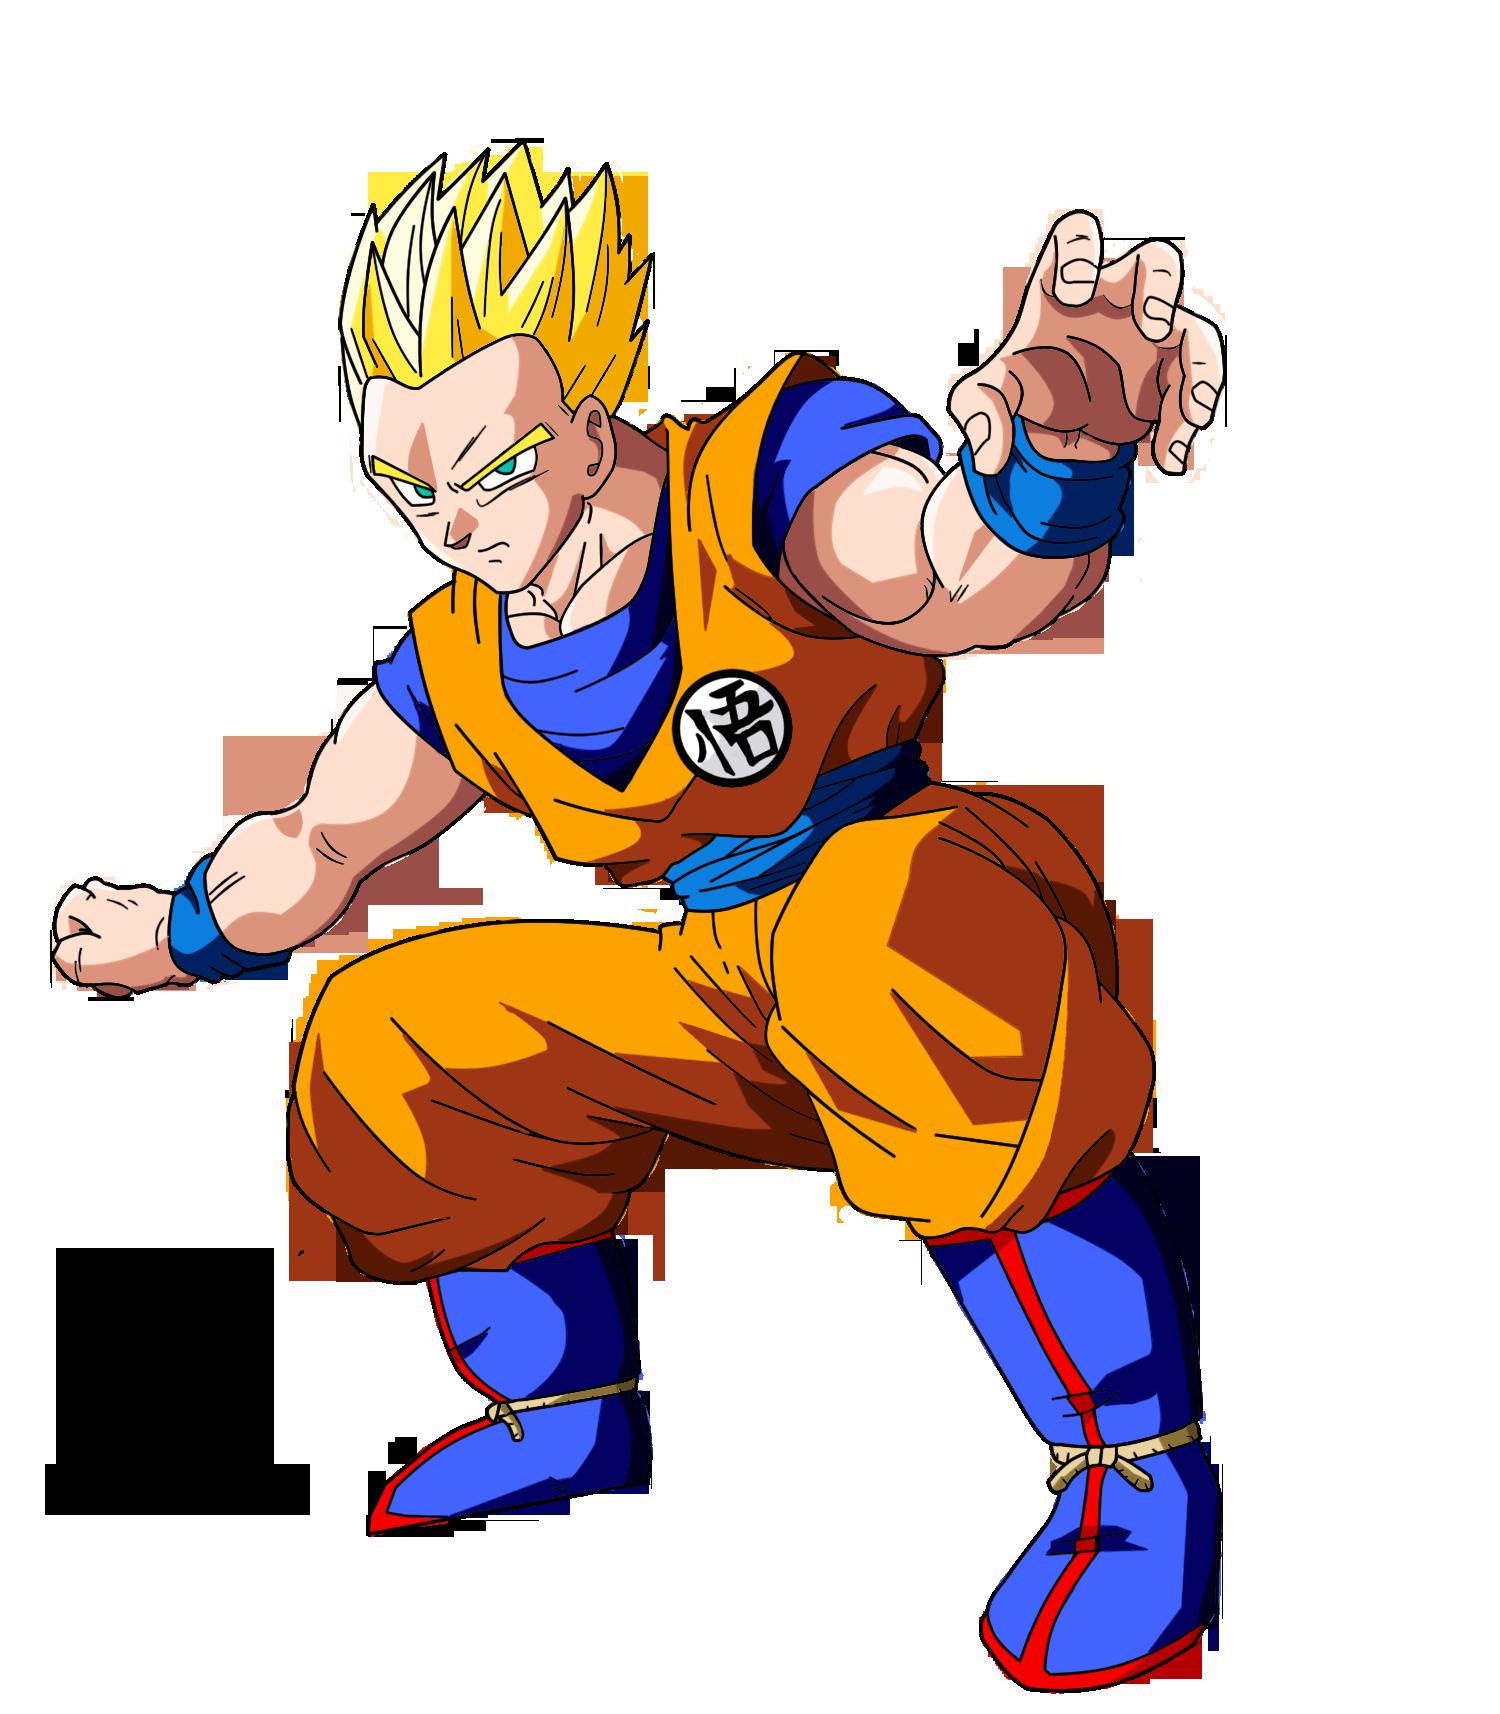 Gohan super saiyajin dragon ball wiki - Gohan dragonball gt ...